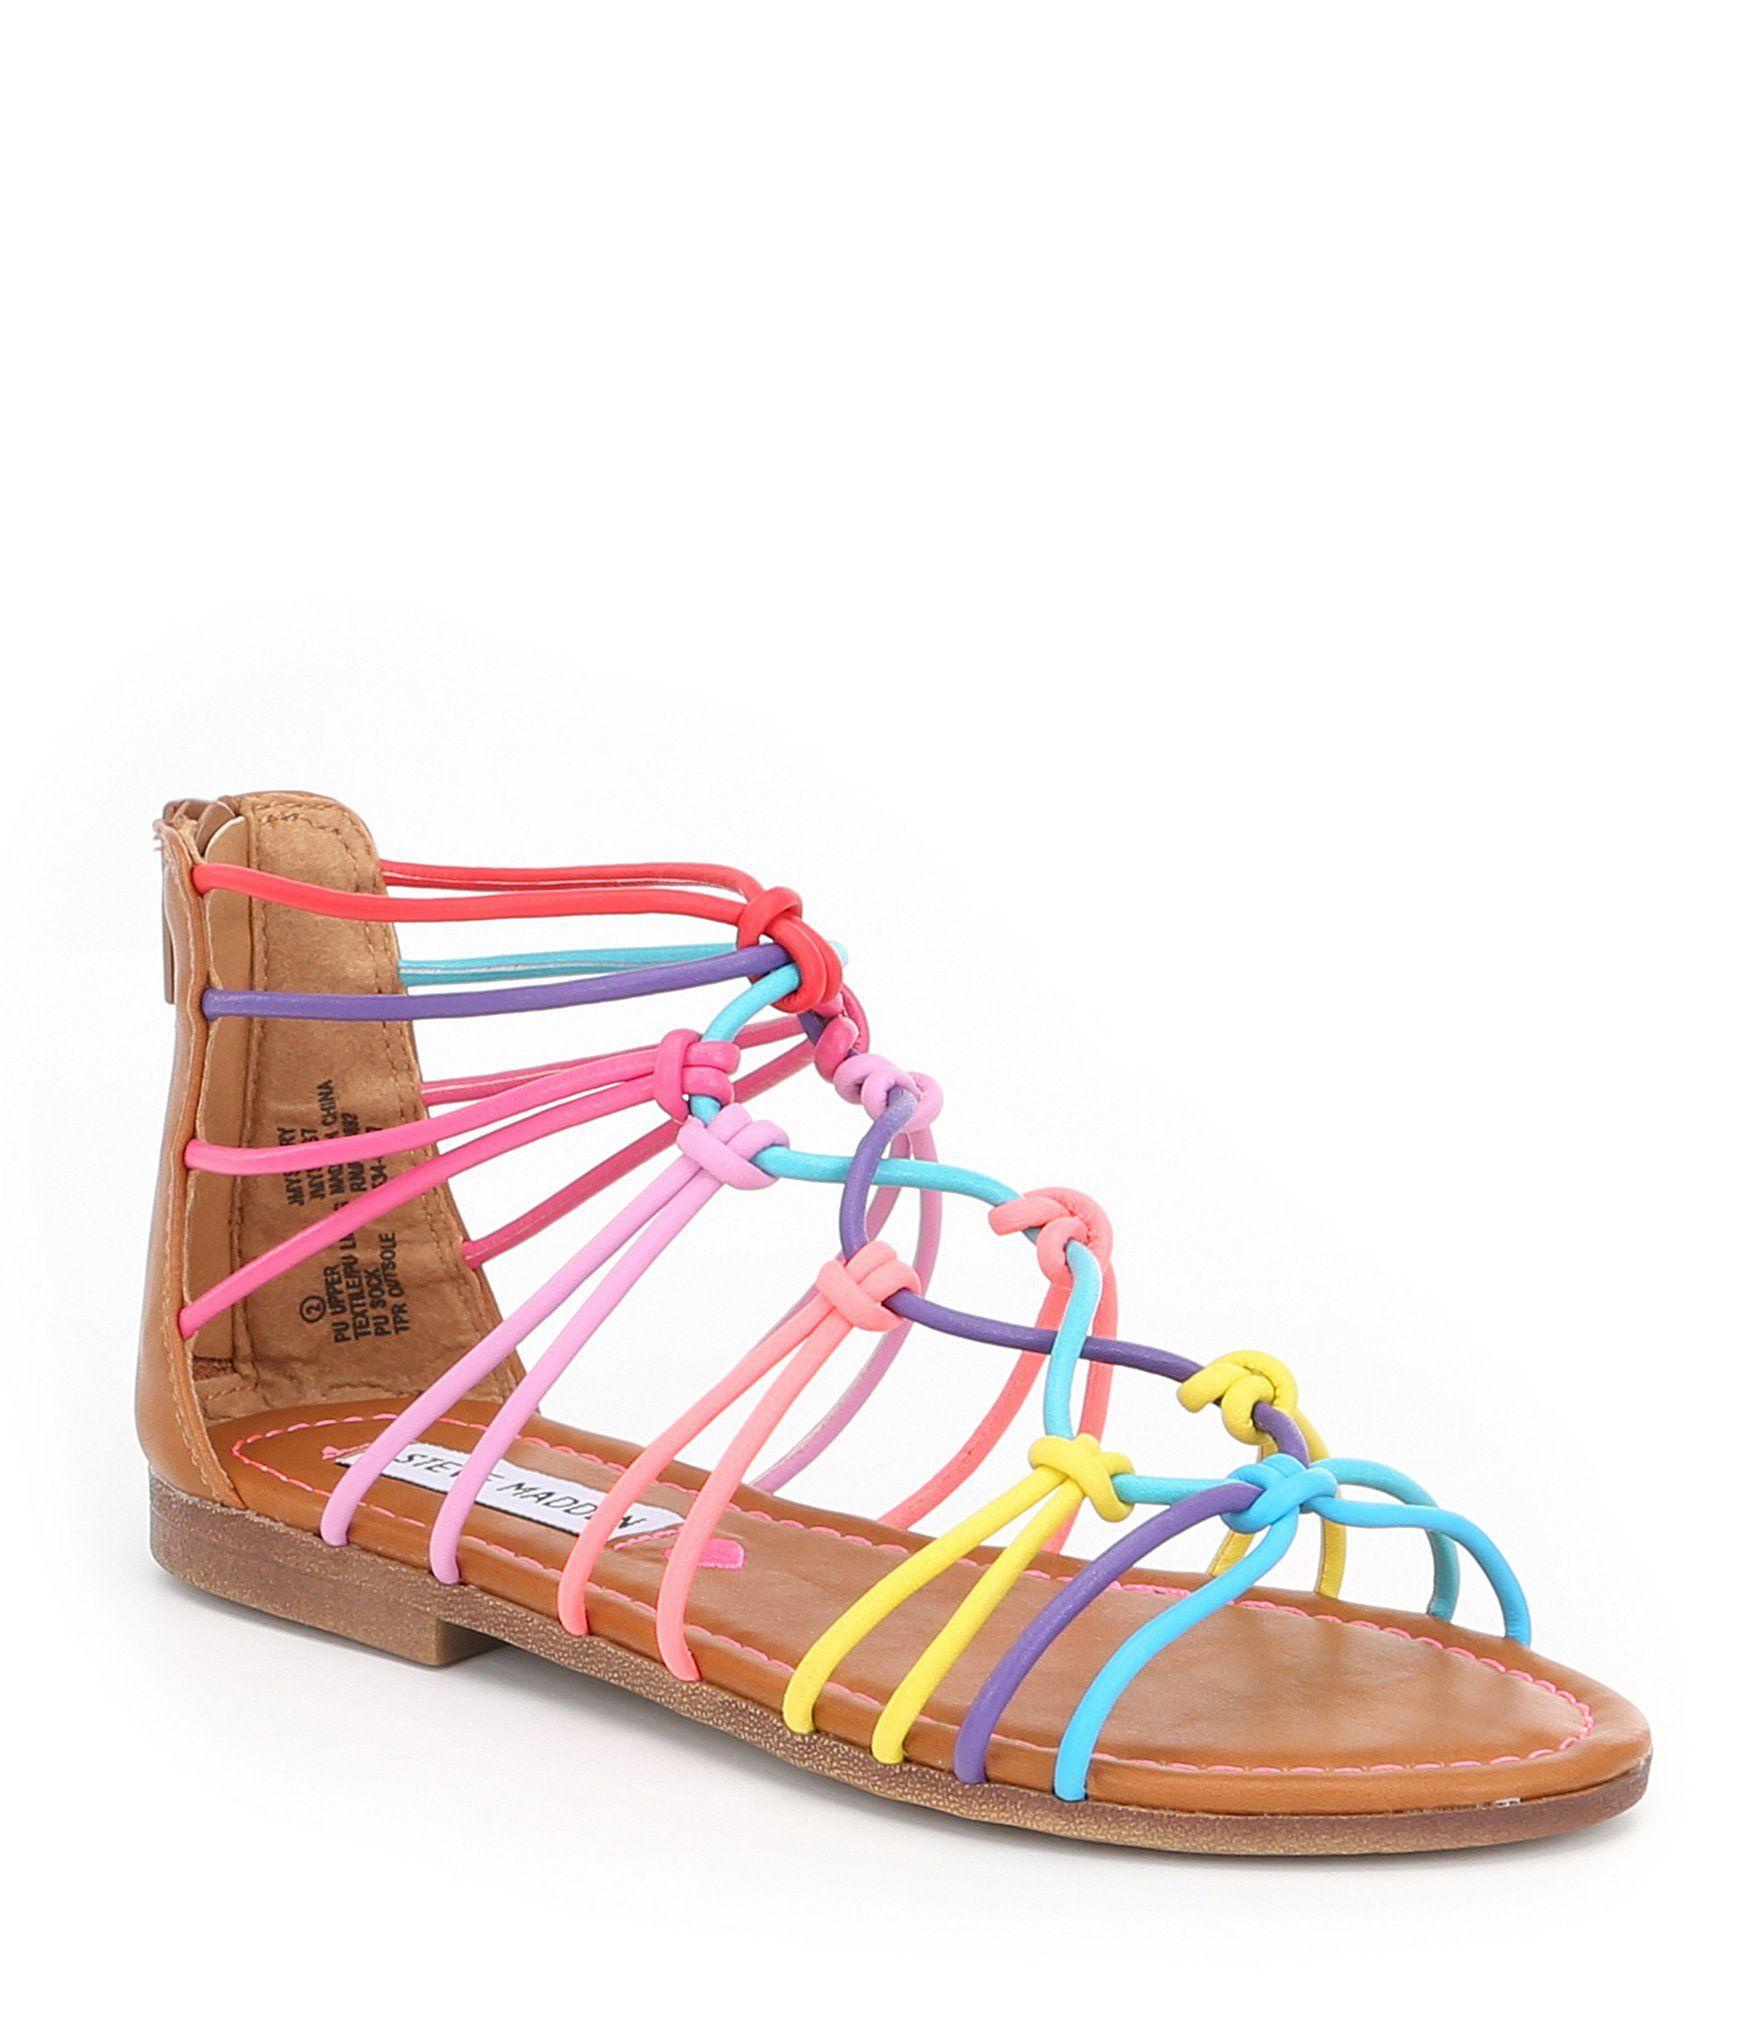 eef4622d4d2a Steve Madden Girls JMystery Sandals  Dillards